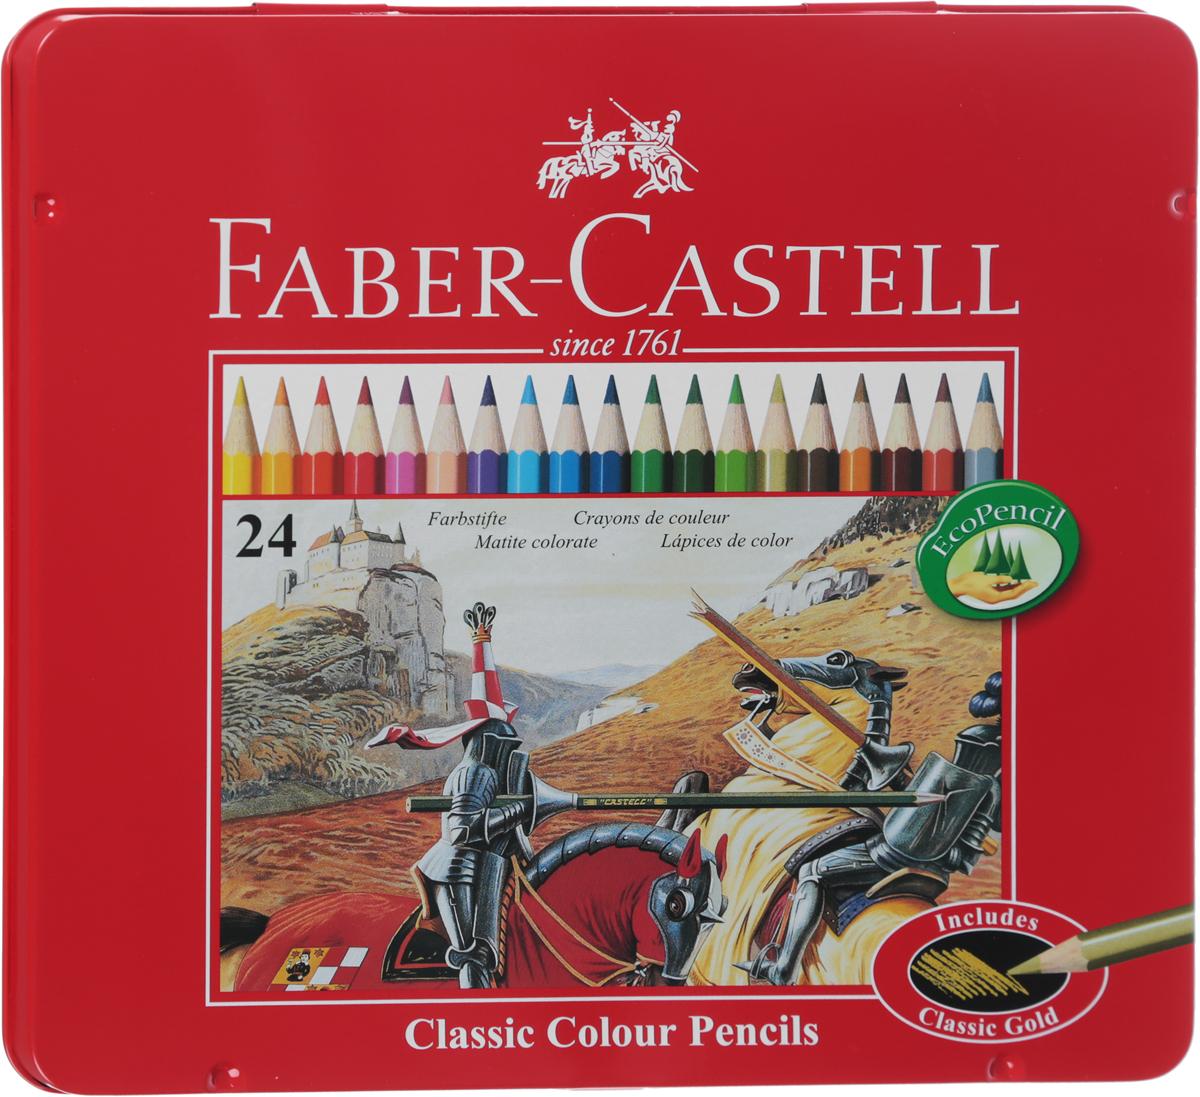 Faber-Castell Набор цветных карандашей Рыцарь 24 цвета730396В наборе Faber-Castell 24 цветных шестигранных карандаша, не требующих сильного нажатия. Карандаши обладают яркими цветами, безопасны при использовании по назначению, легко затачиваются, изготовлены из высококачественной древесины, имеют прочный грифель.